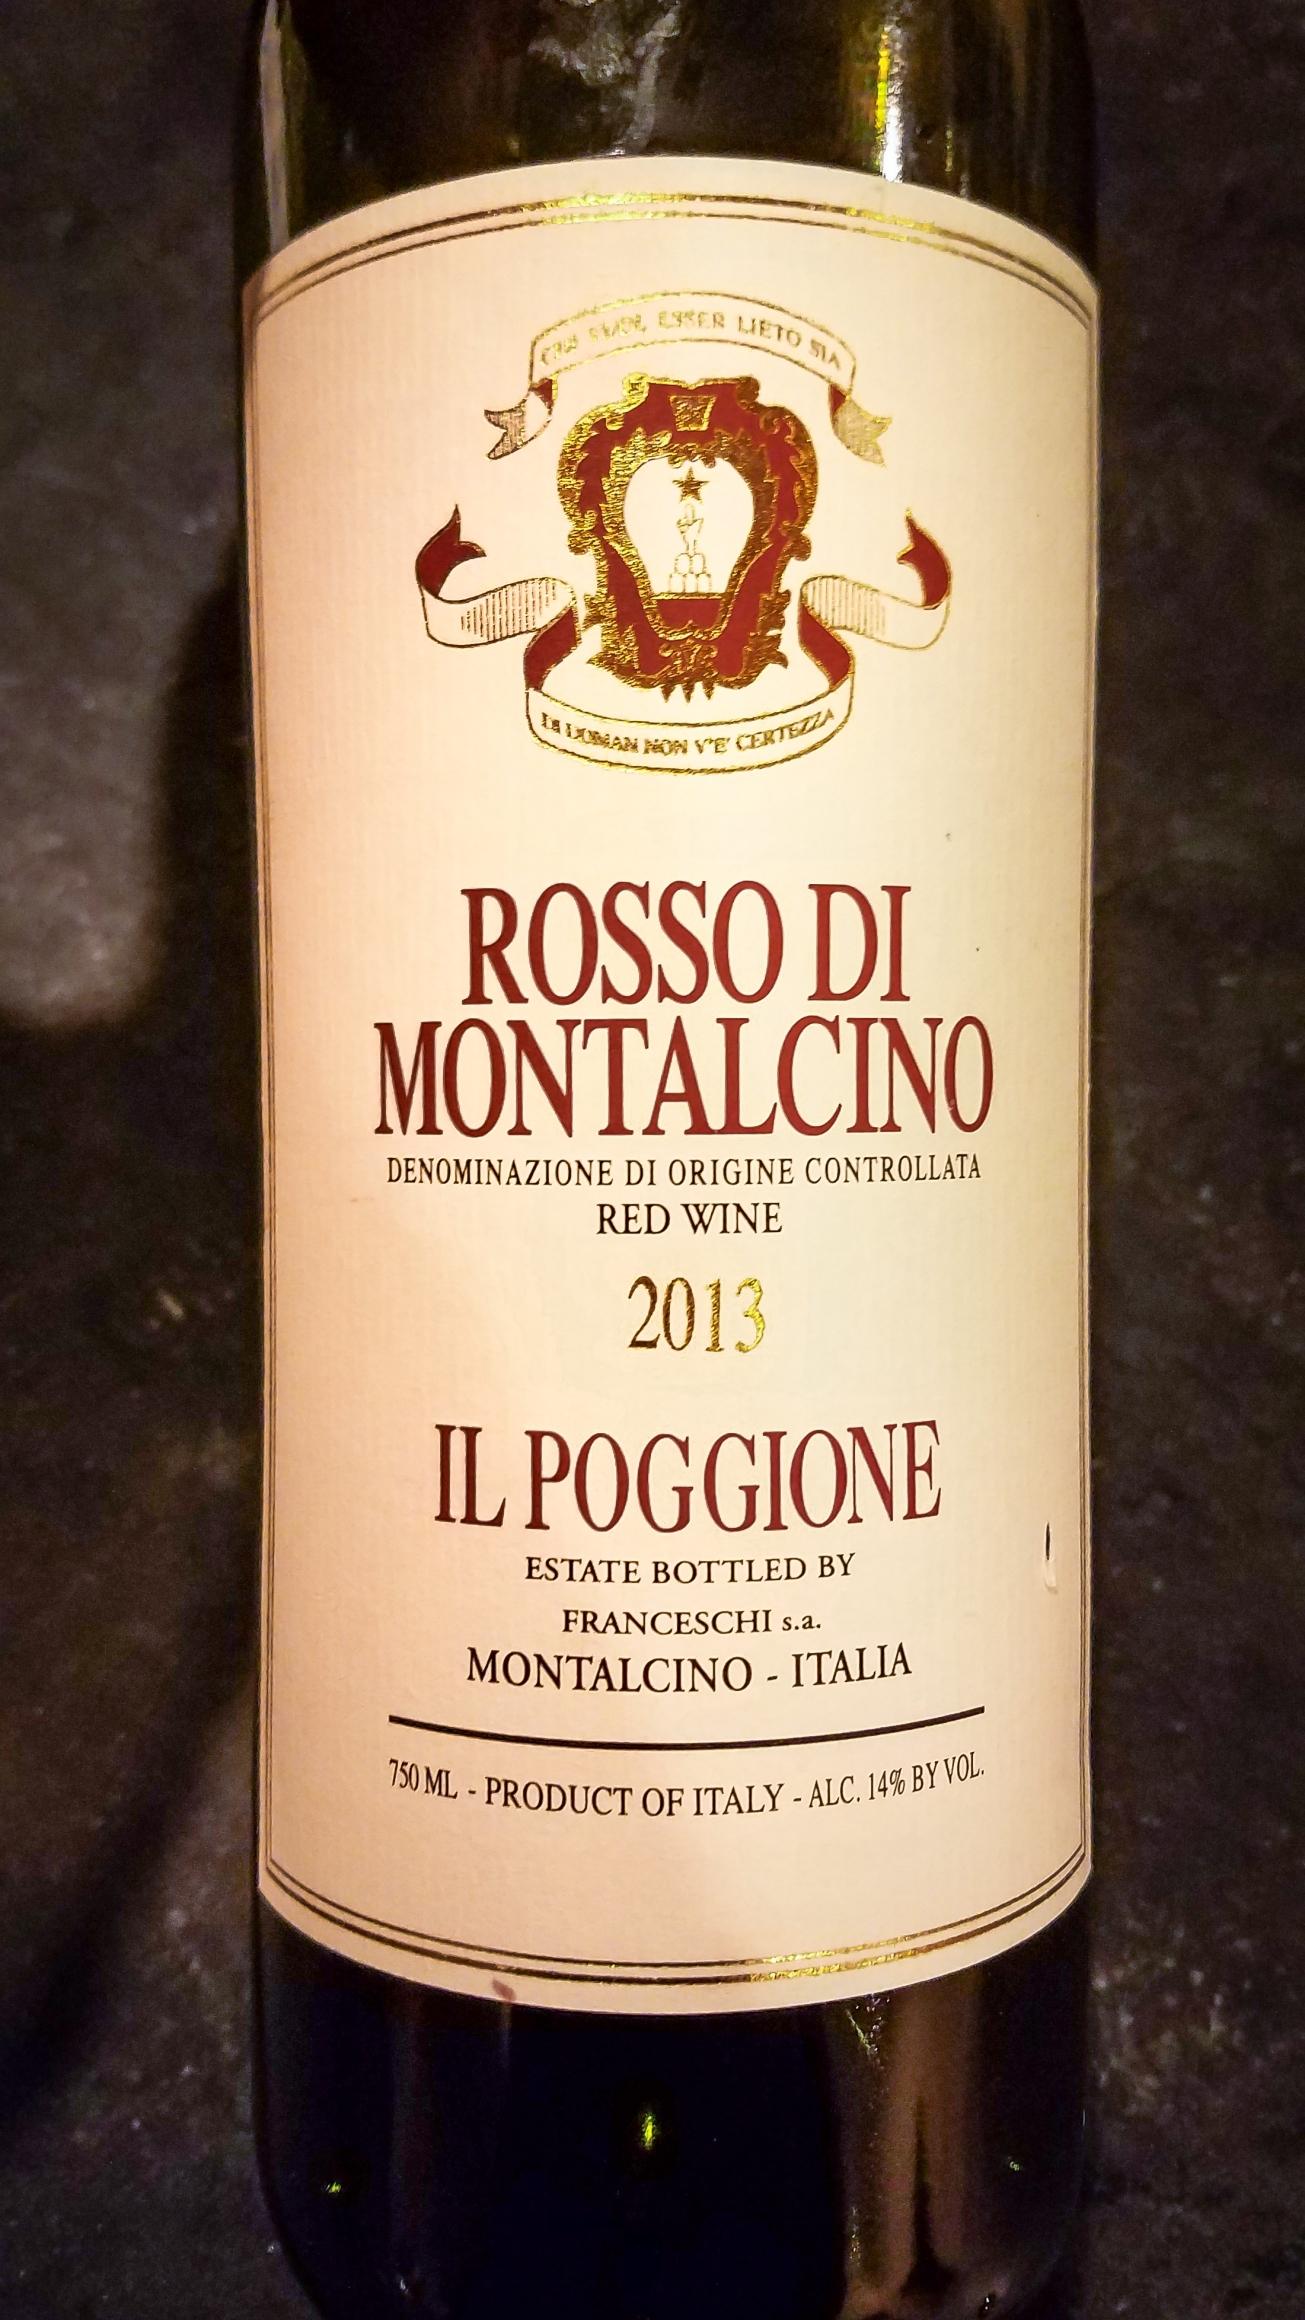 2013 Il Poggione (Proprietá Franceschi) Rosso di Montalcino